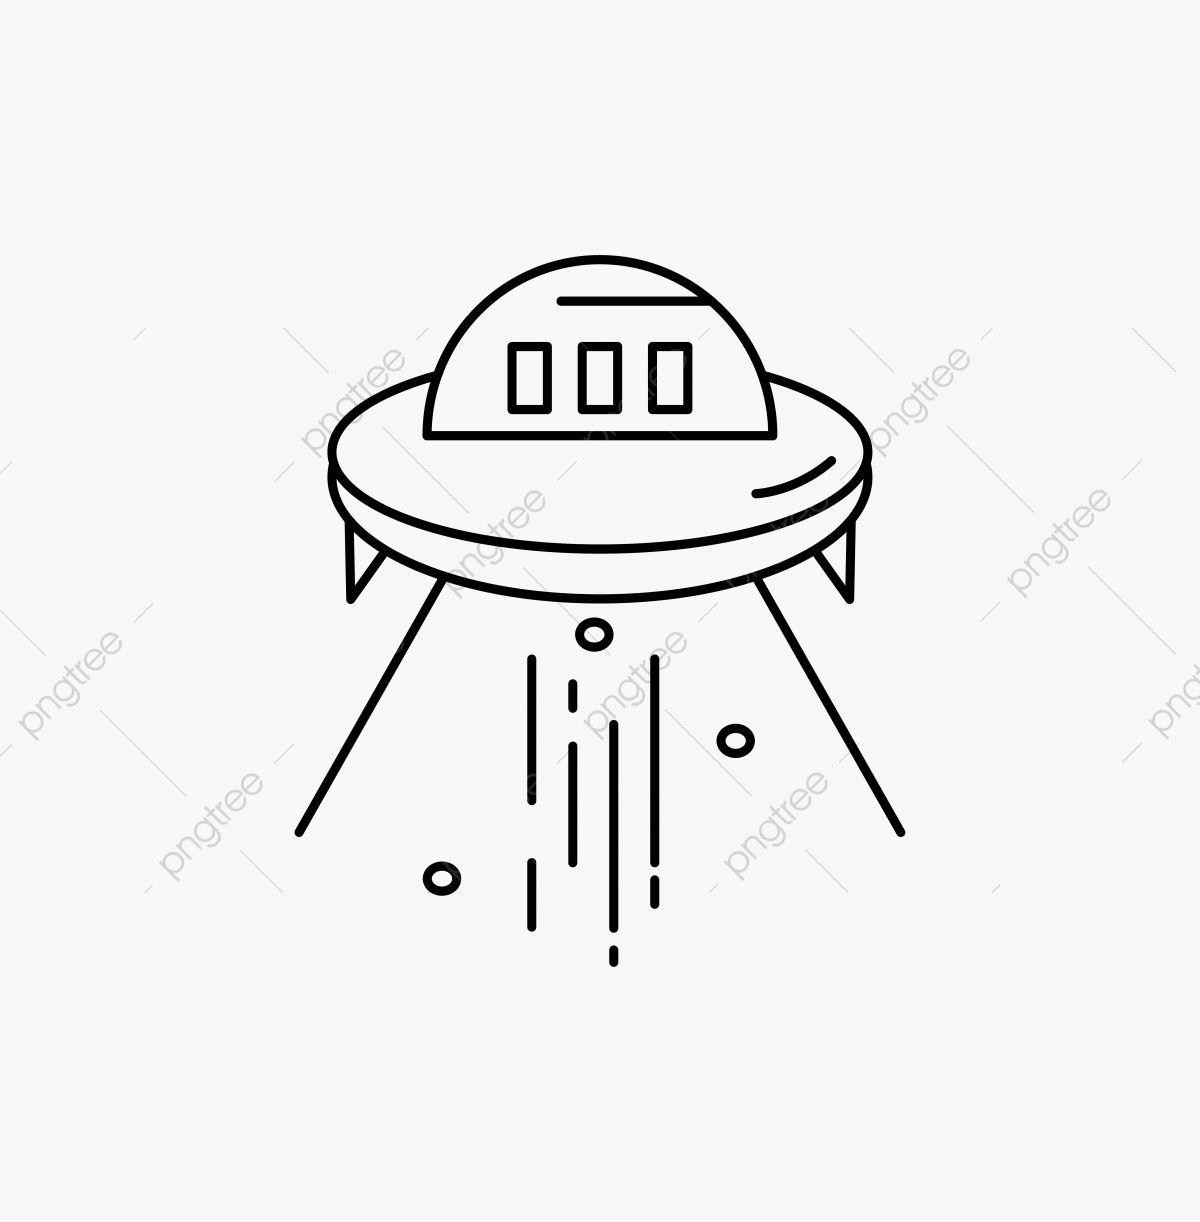 صاروخ سفينة الفضاء سفينة الفضاء الغريبة ناقلات رمز خط عزل الغريبة فن رائد الفضاء Png والمتجهات للتحميل مجانا Info Supportive